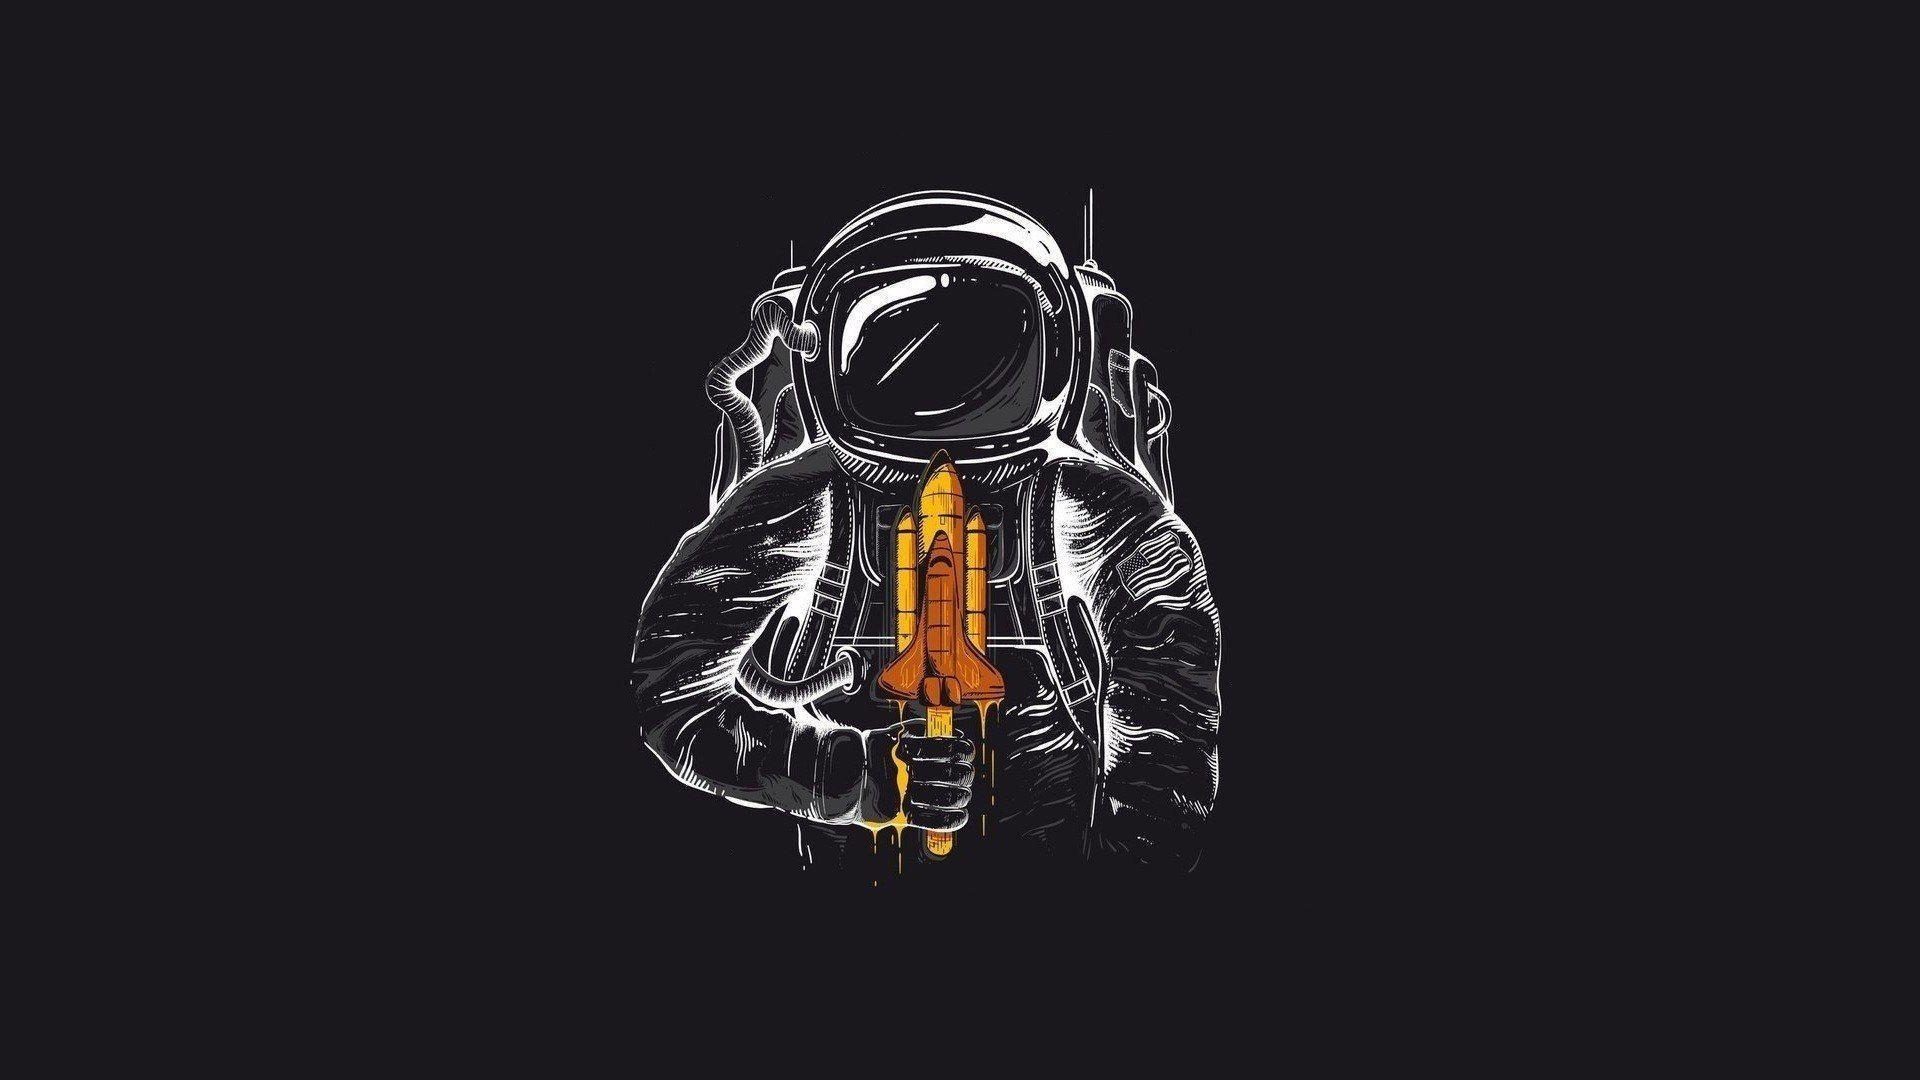 Astronaut Wallpapers